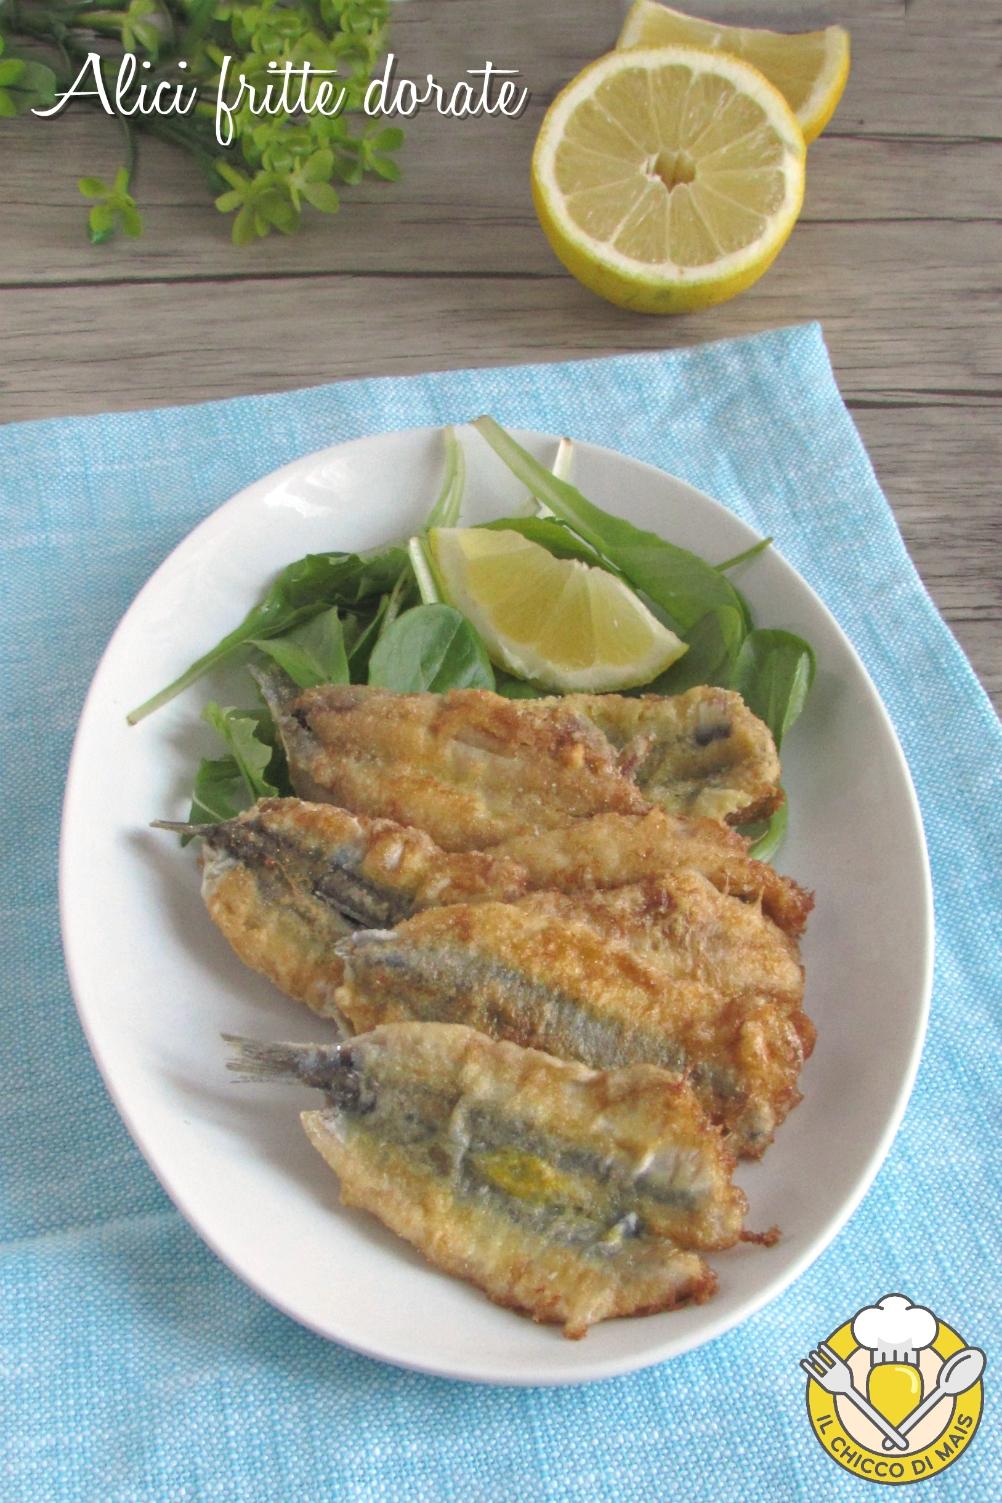 v_ alici fritte dorate uova e farina senza pastella ricetta facile economica il chicco di mais